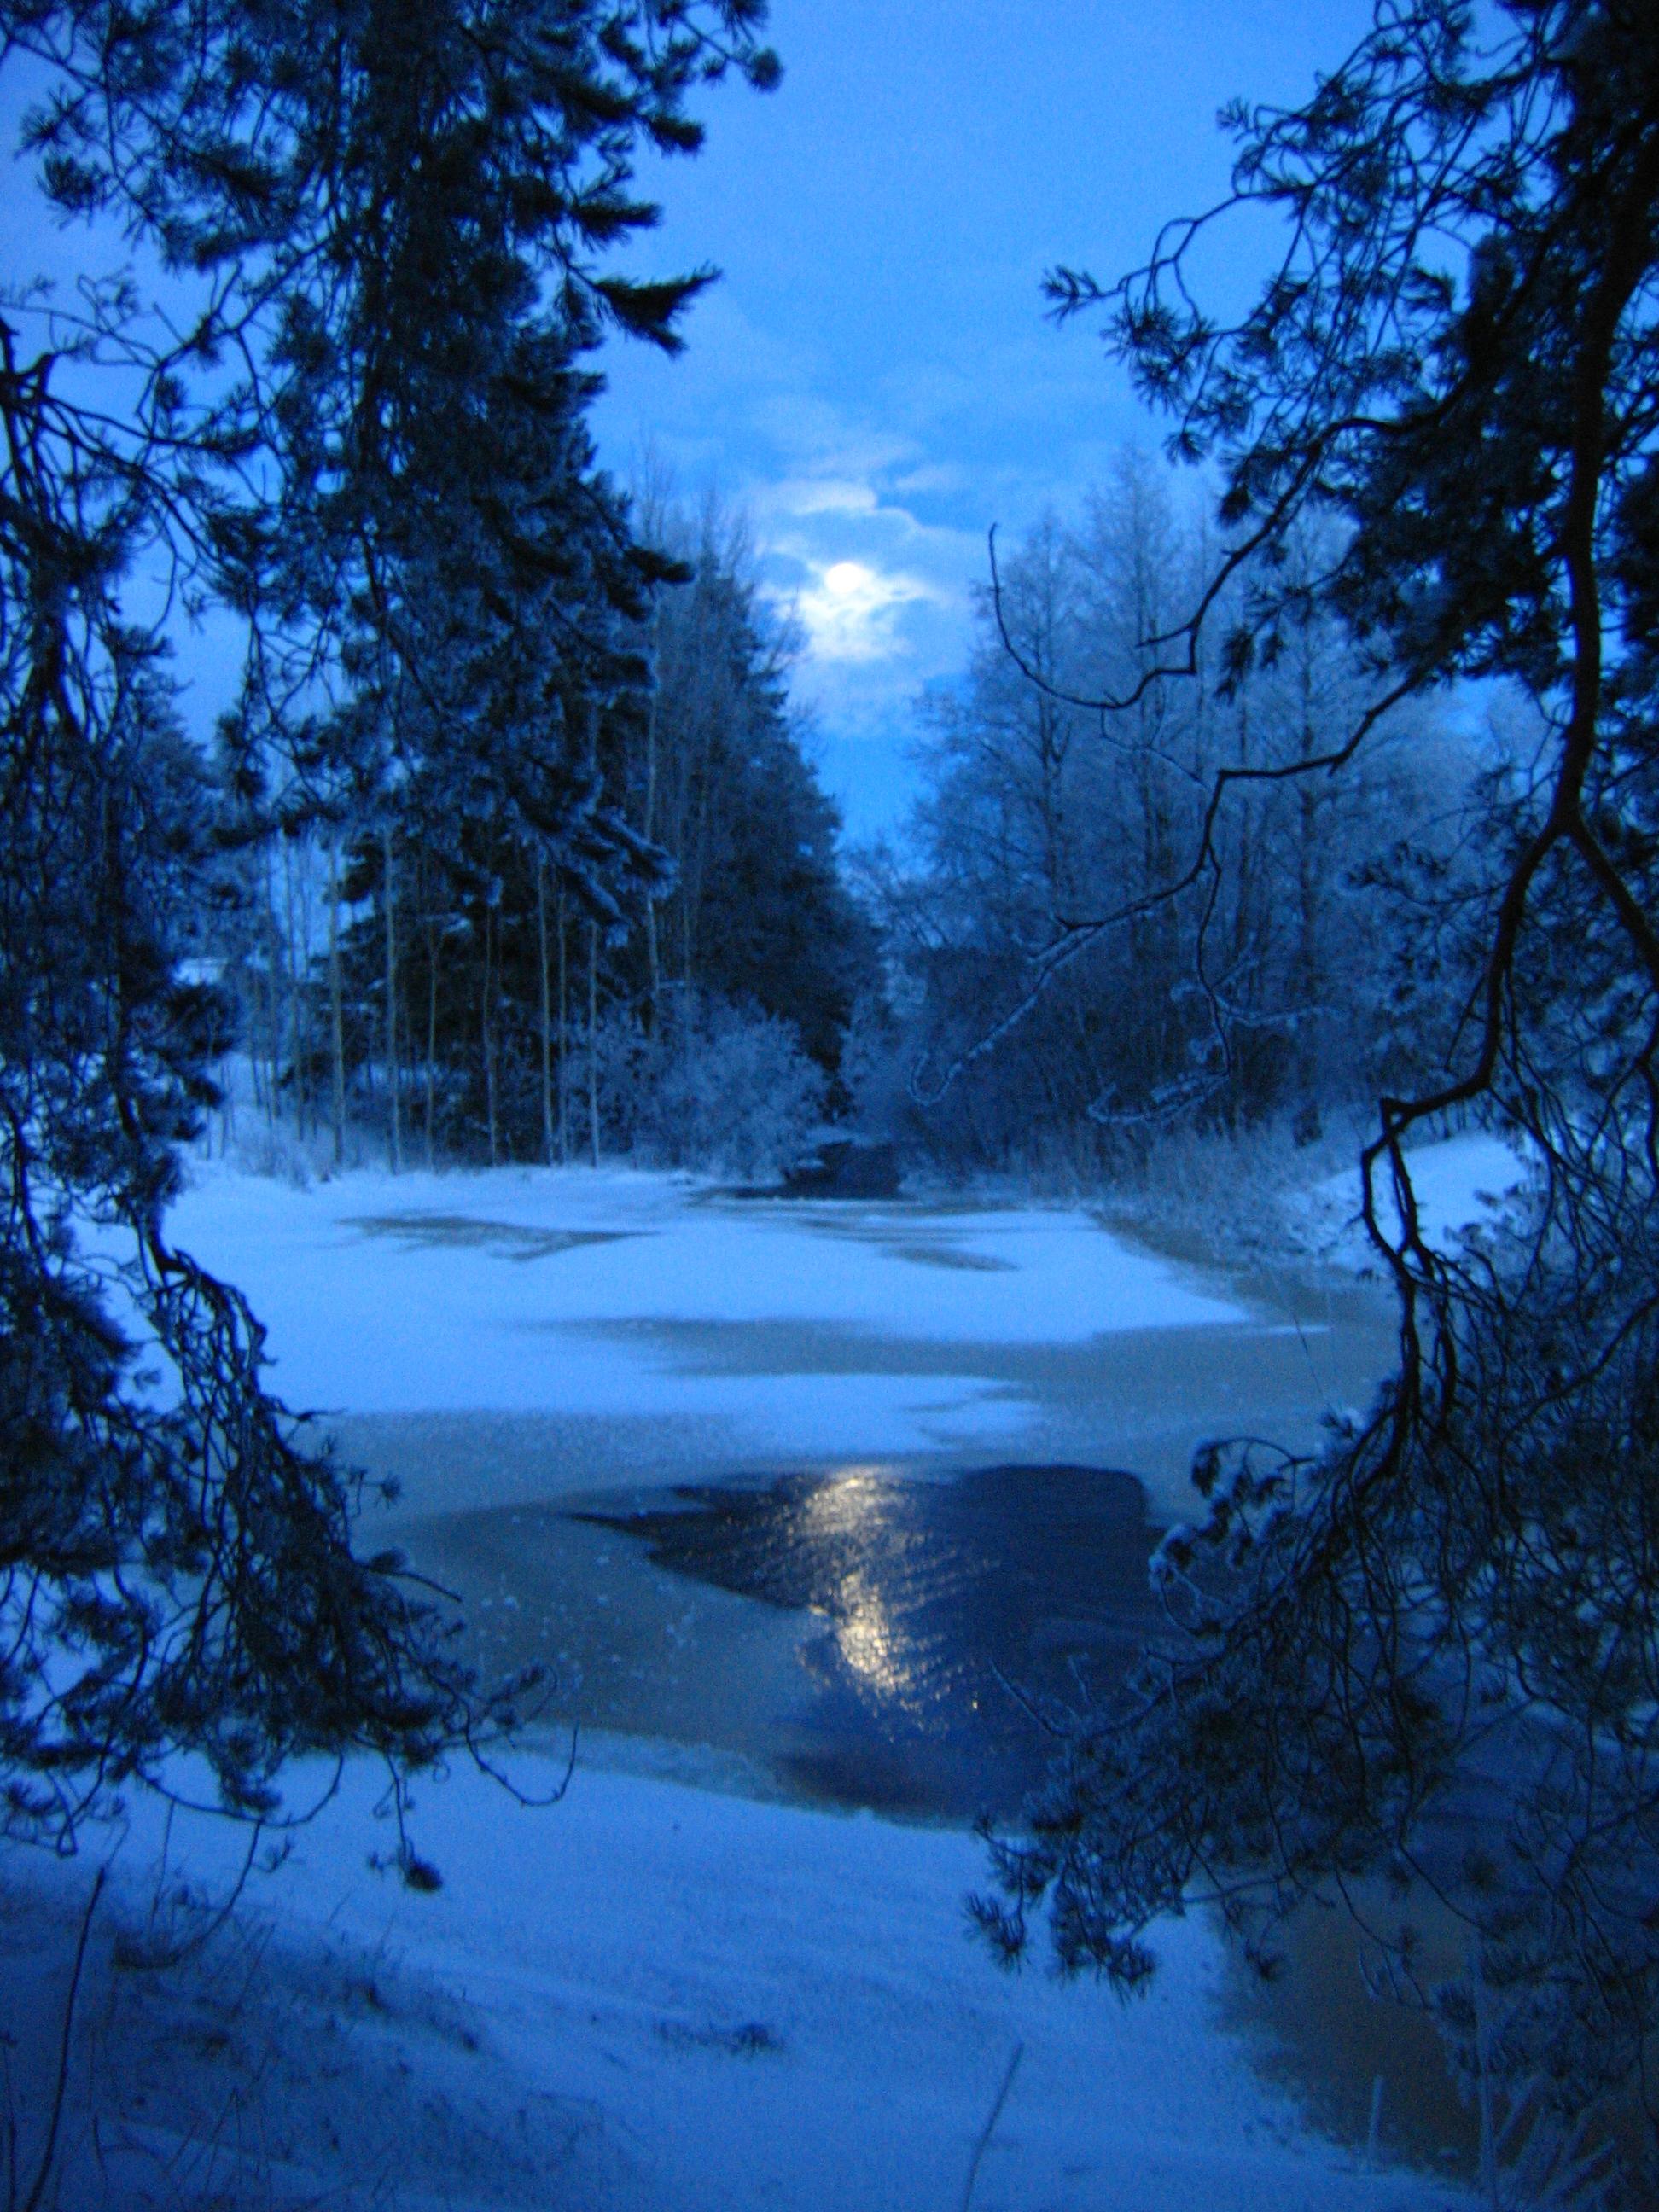 winterBlue Moonlight